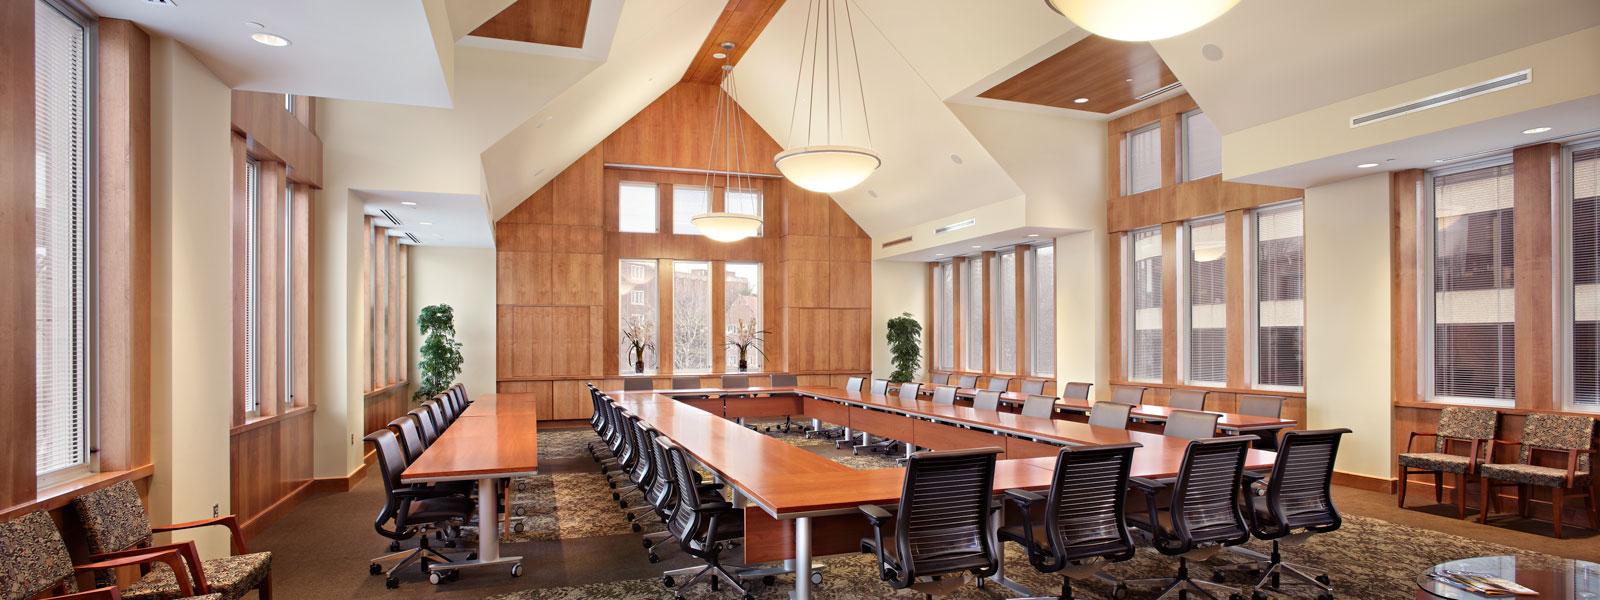 Awam Inc Architects Weeks Ambrose Mcdonald